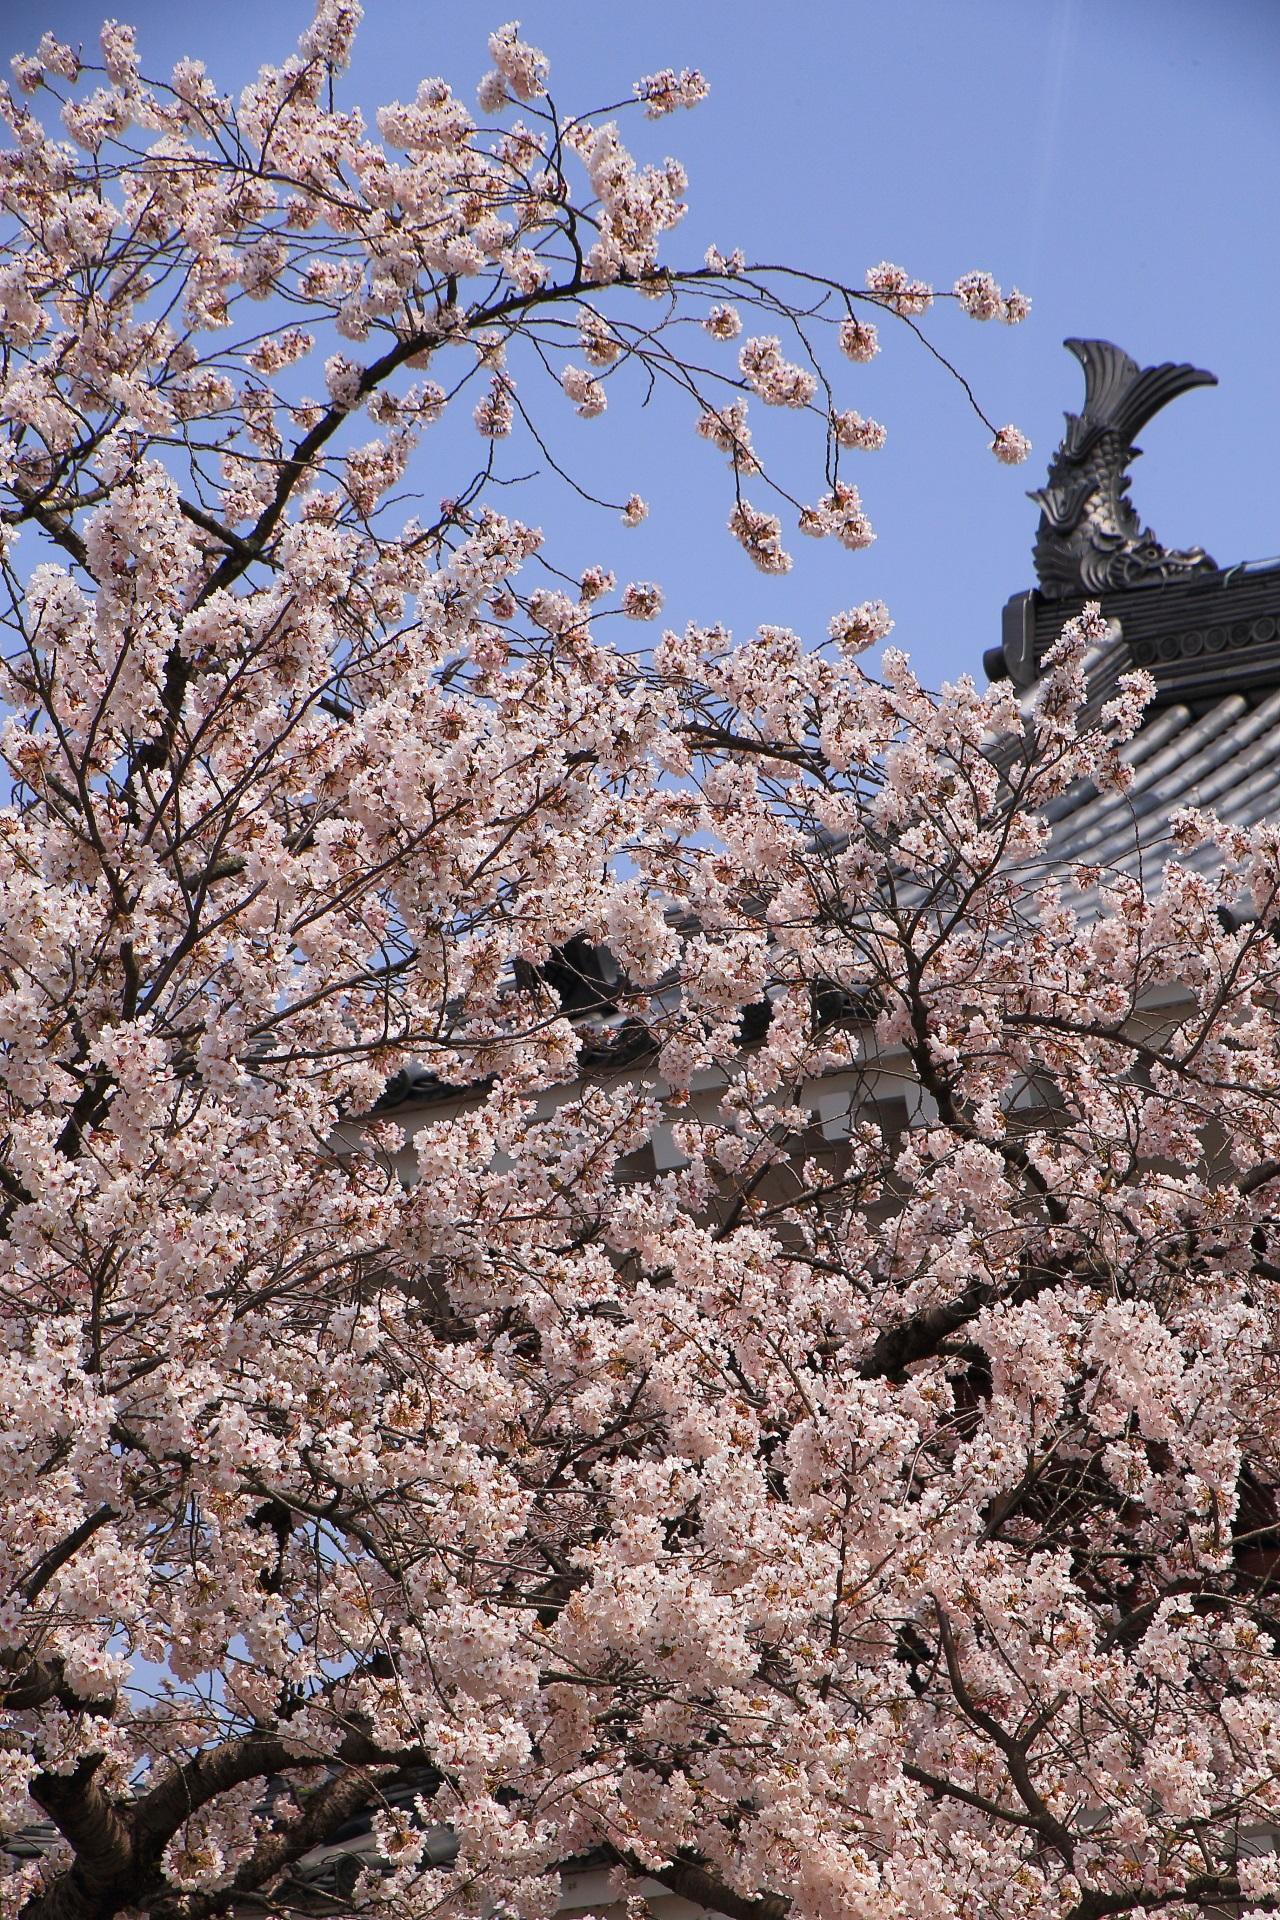 福知山城の天守としゃちほこを染める煌びやかな桜